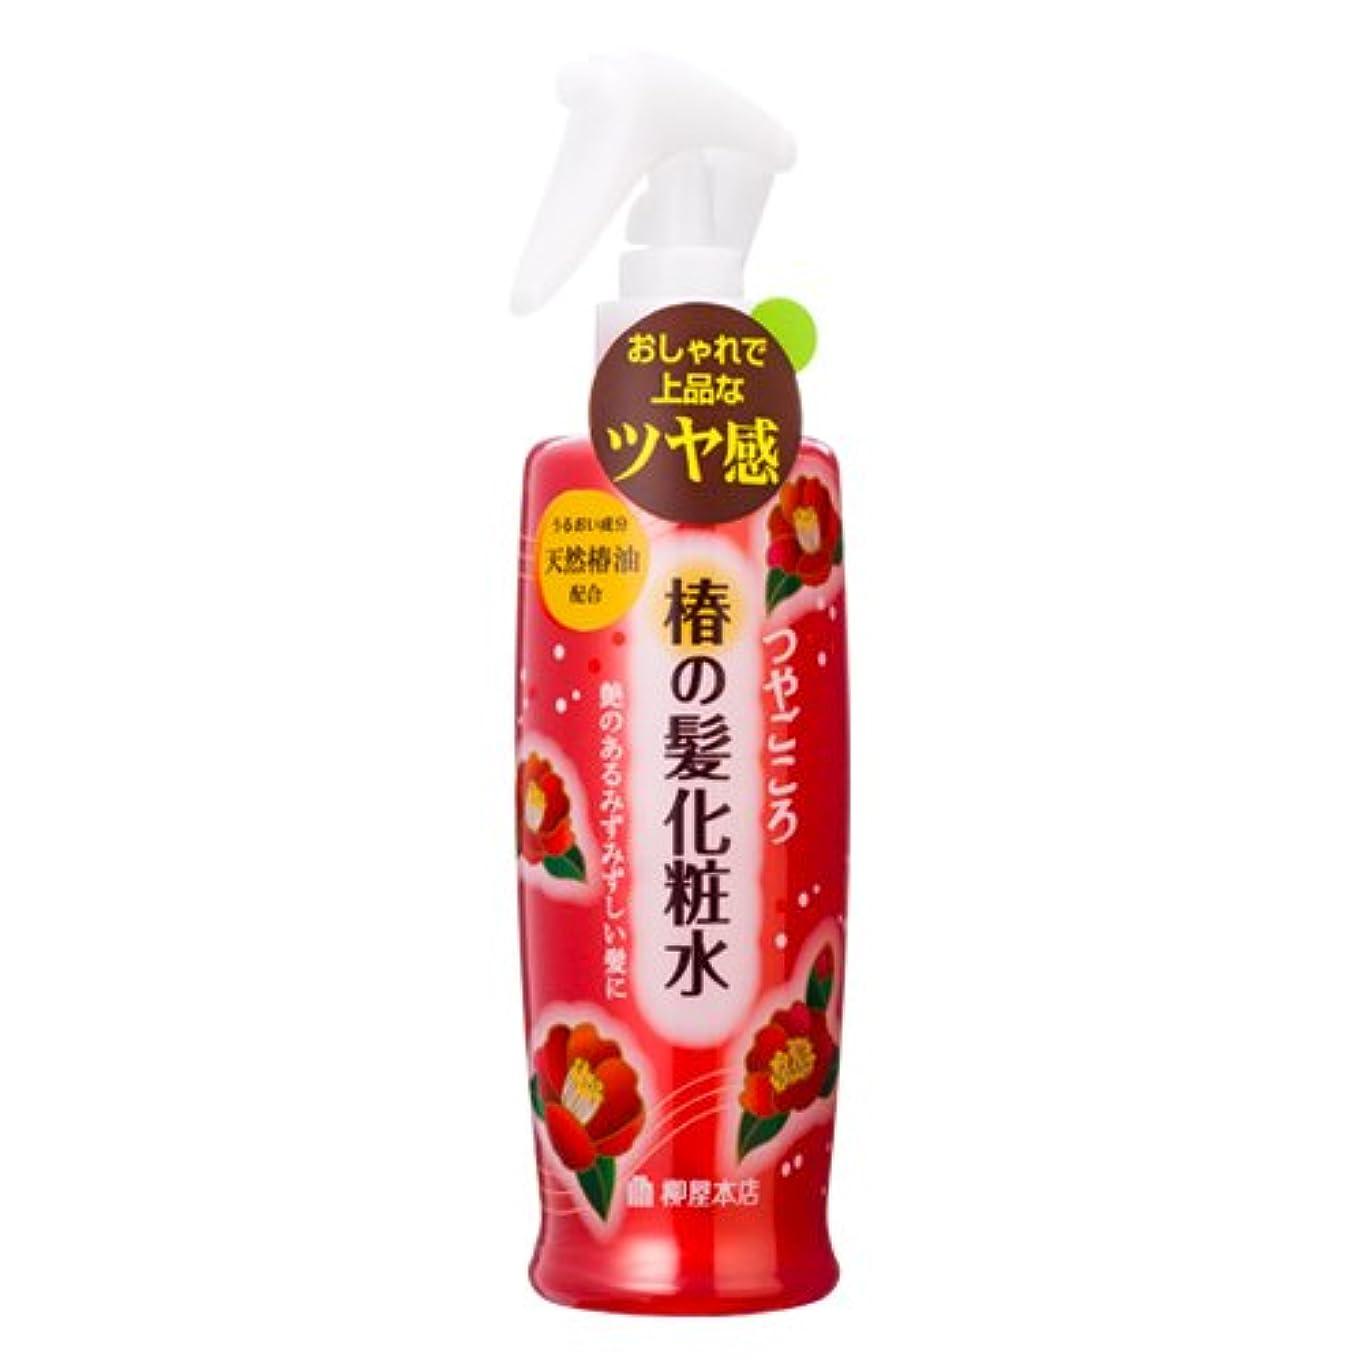 行商潮増幅器つやごころ 椿の髪化粧水250ml